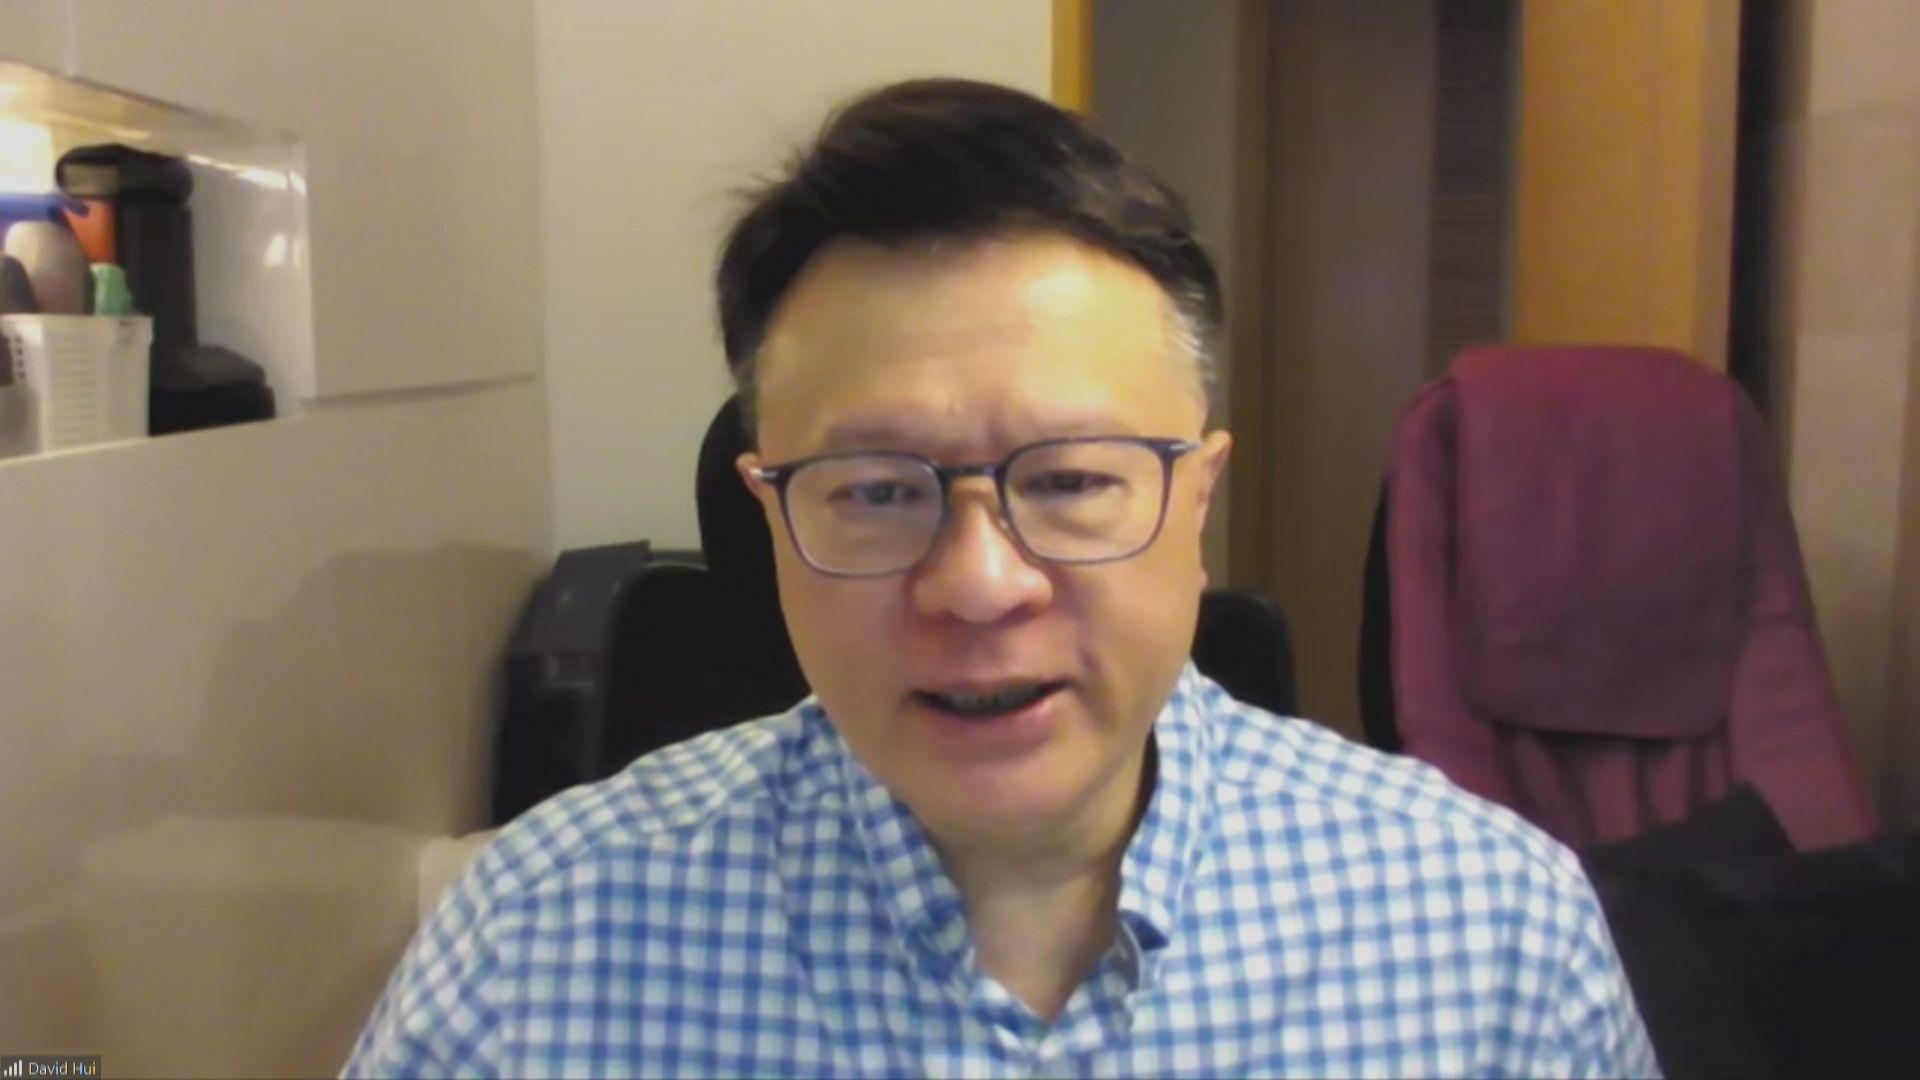 許樹昌:要盡快為大埔居民檢測 找出隱形傳播